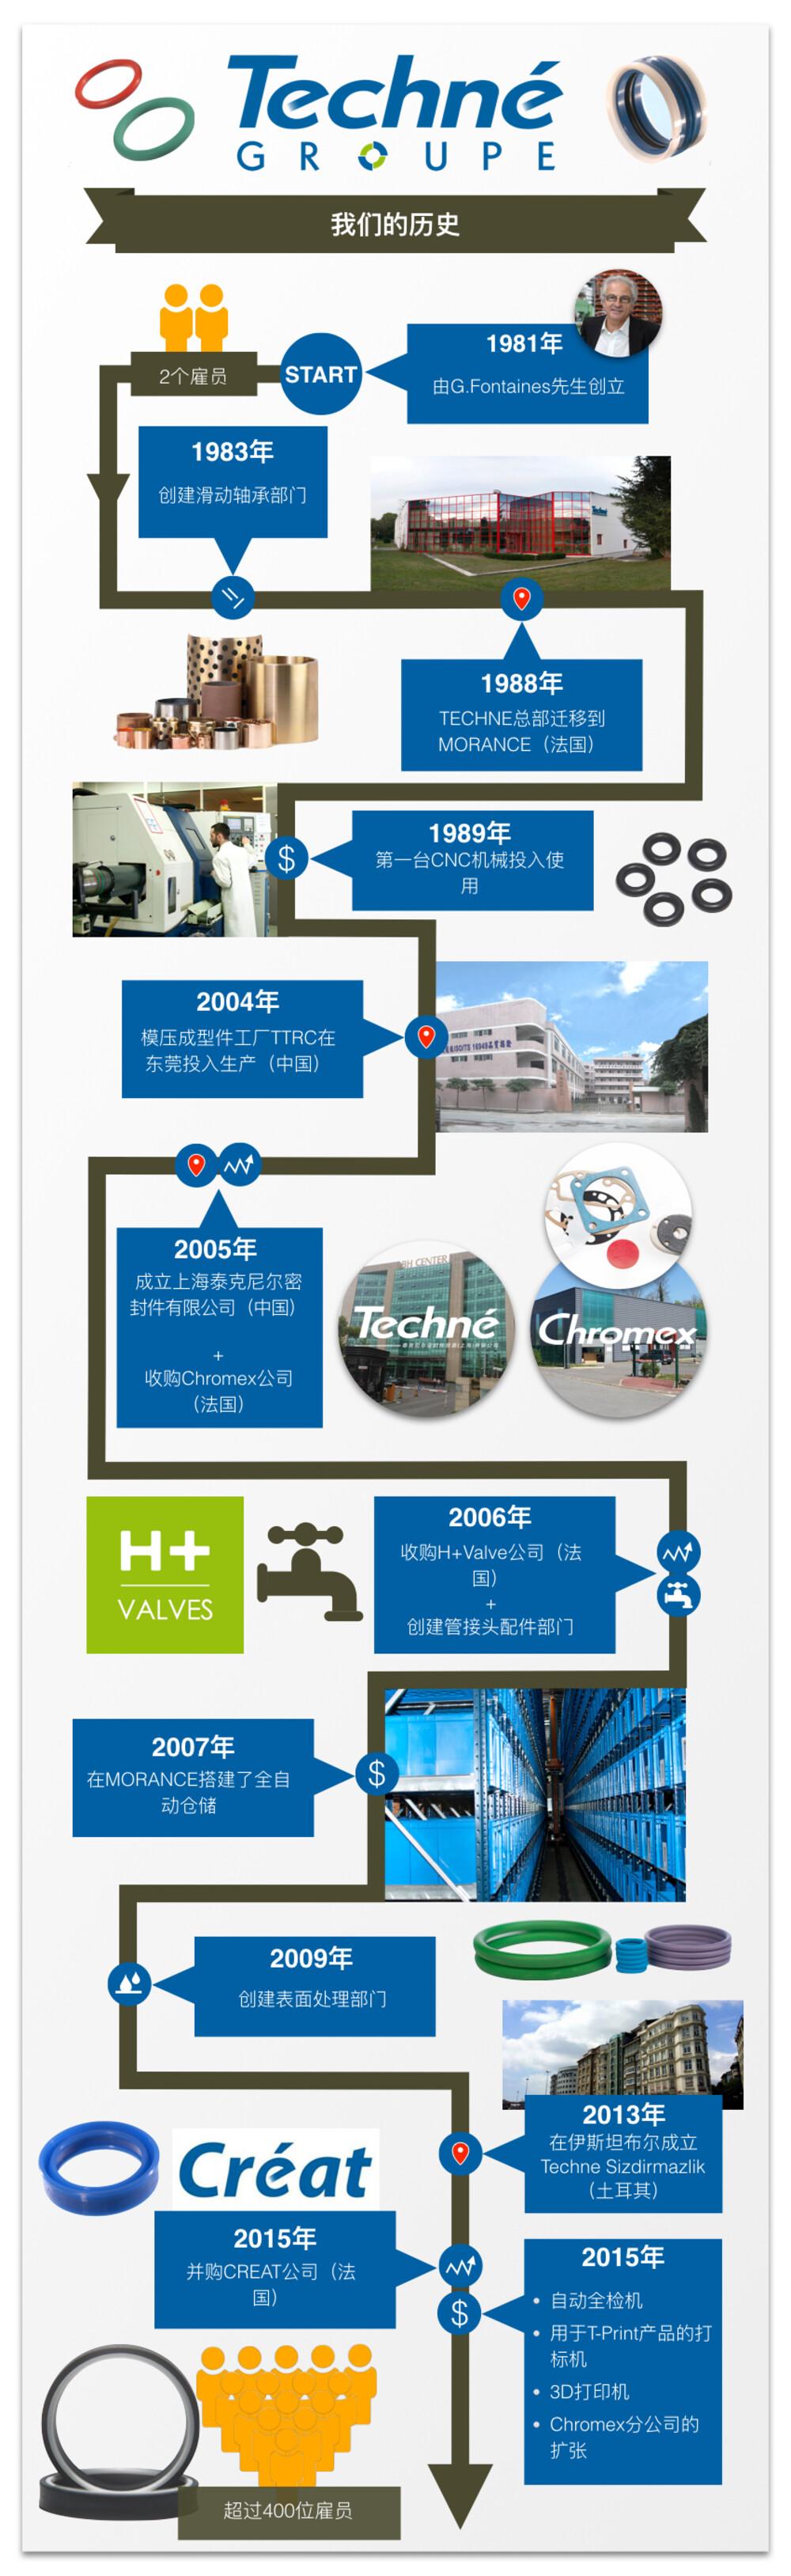 CN-Timeline-Techne.jpeg